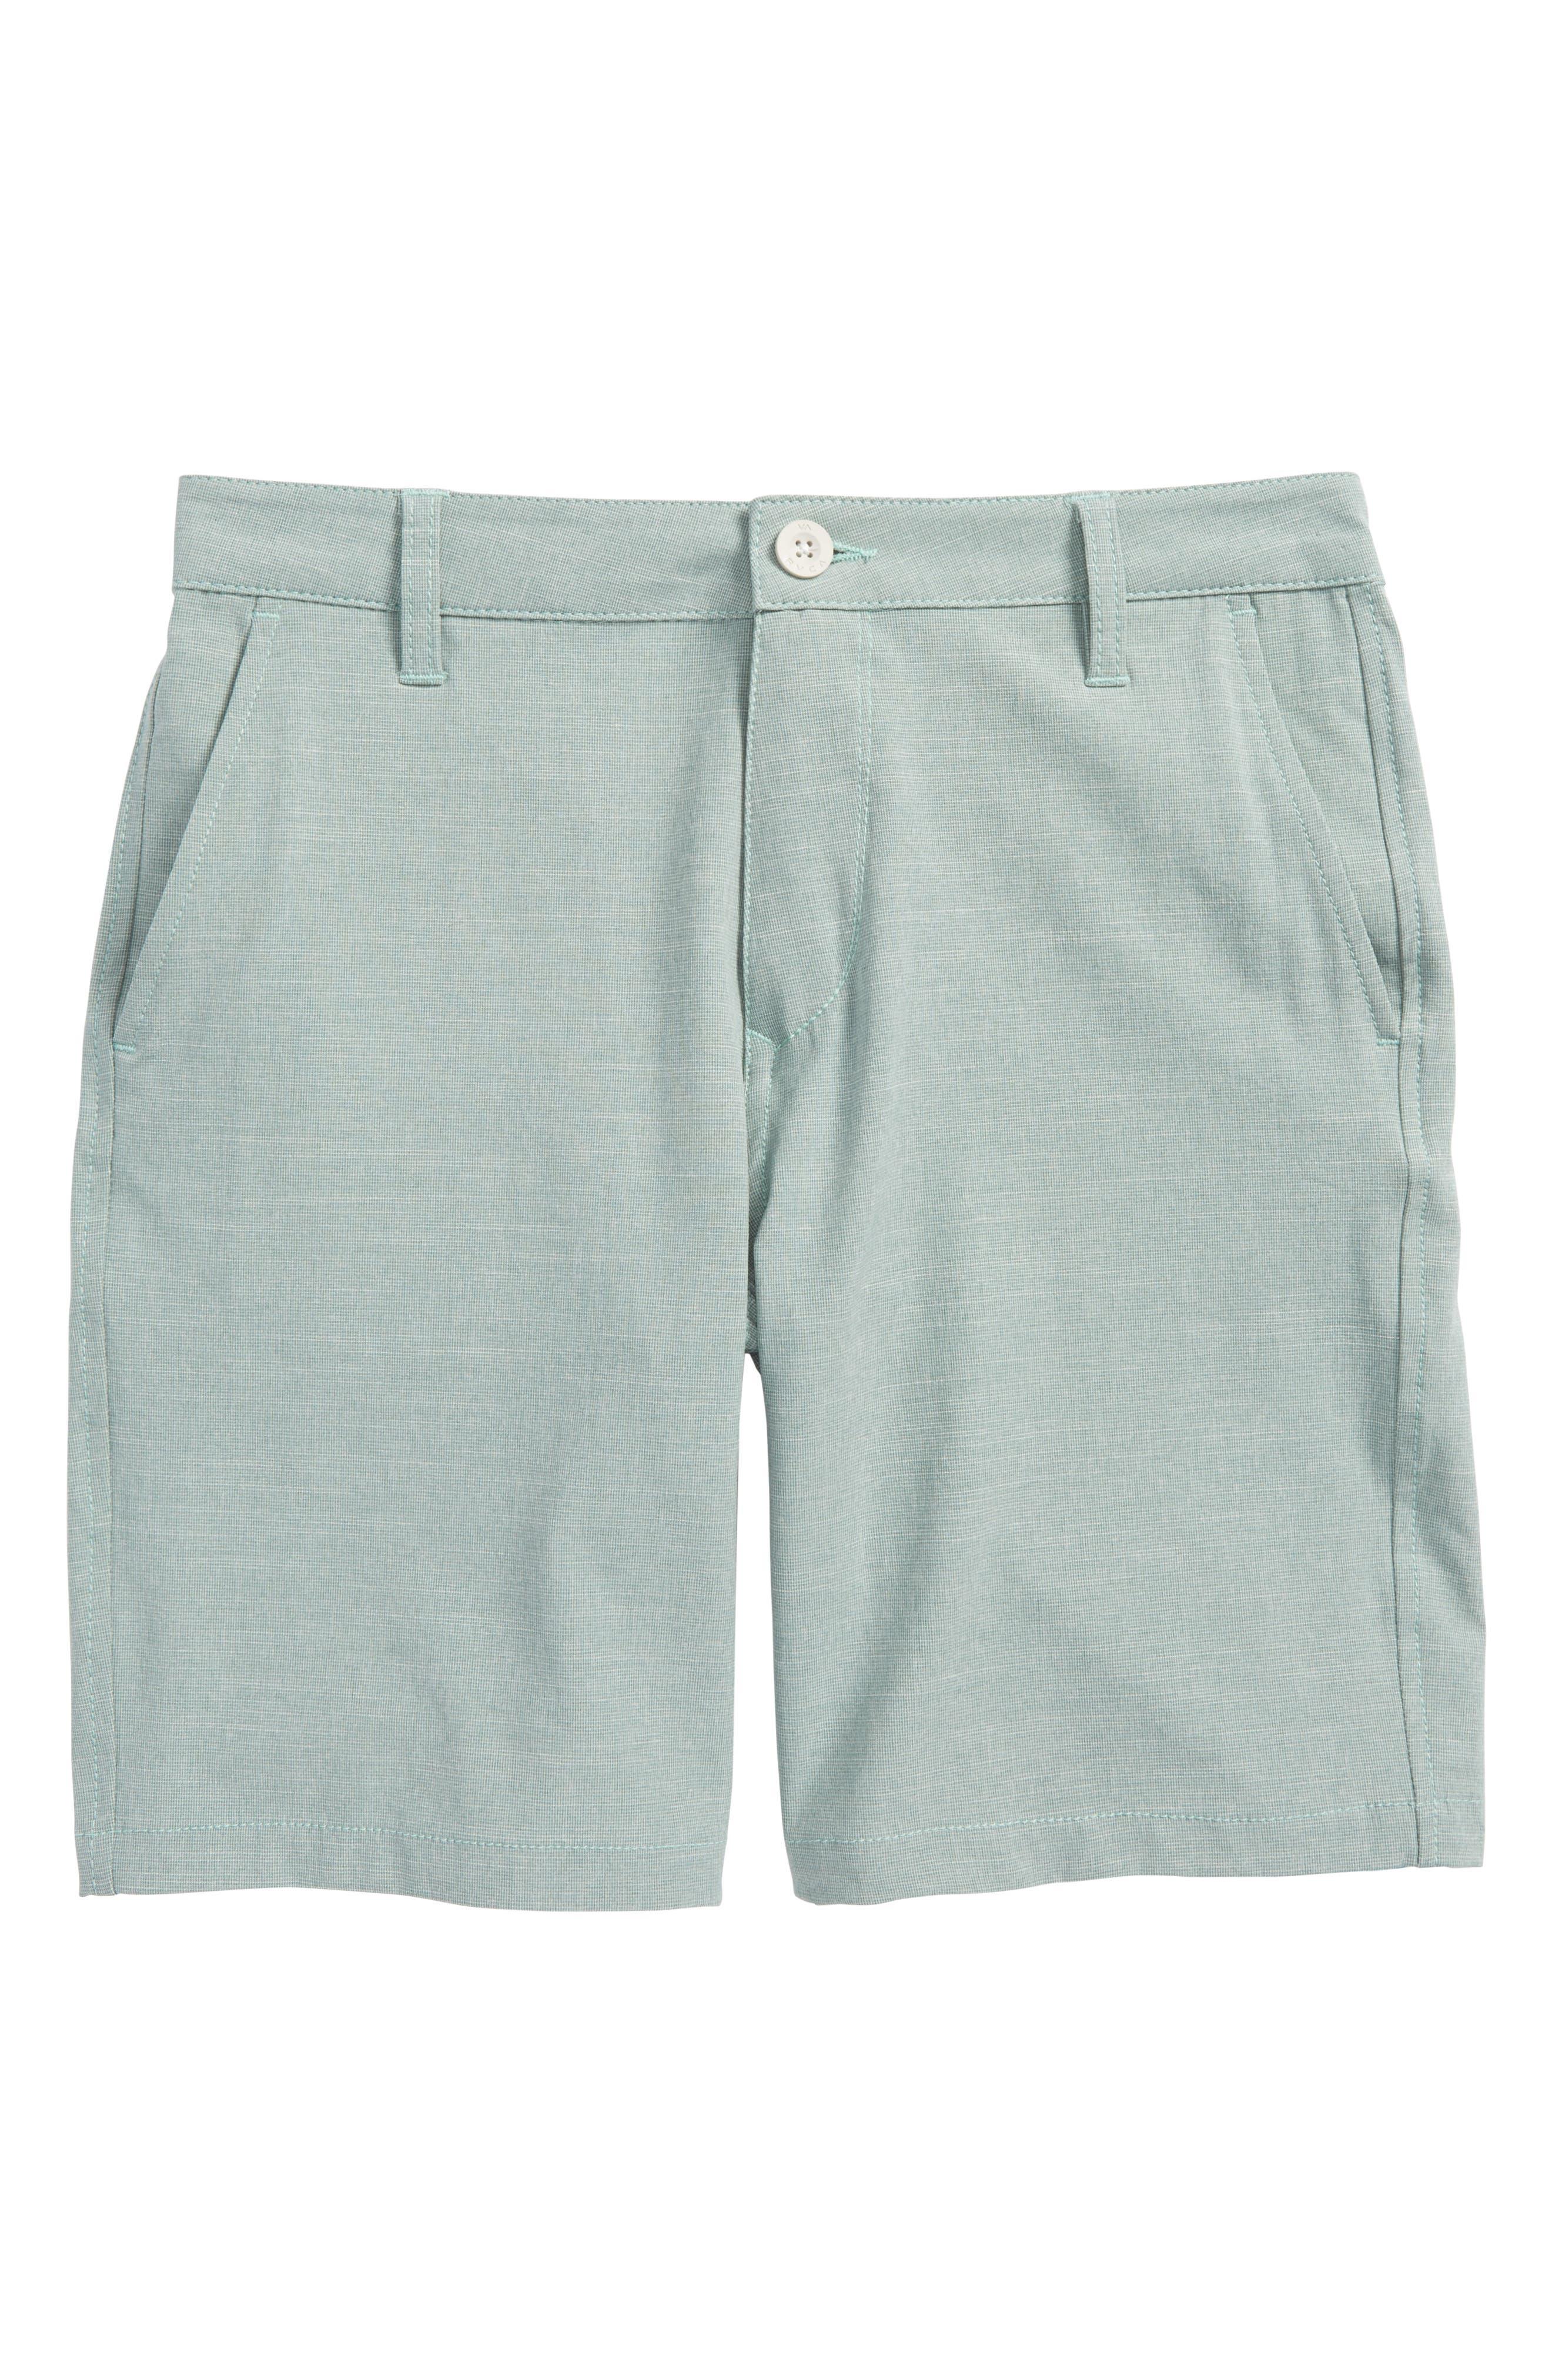 RVCA Balance Hybrid Board Shorts (Big Boys)